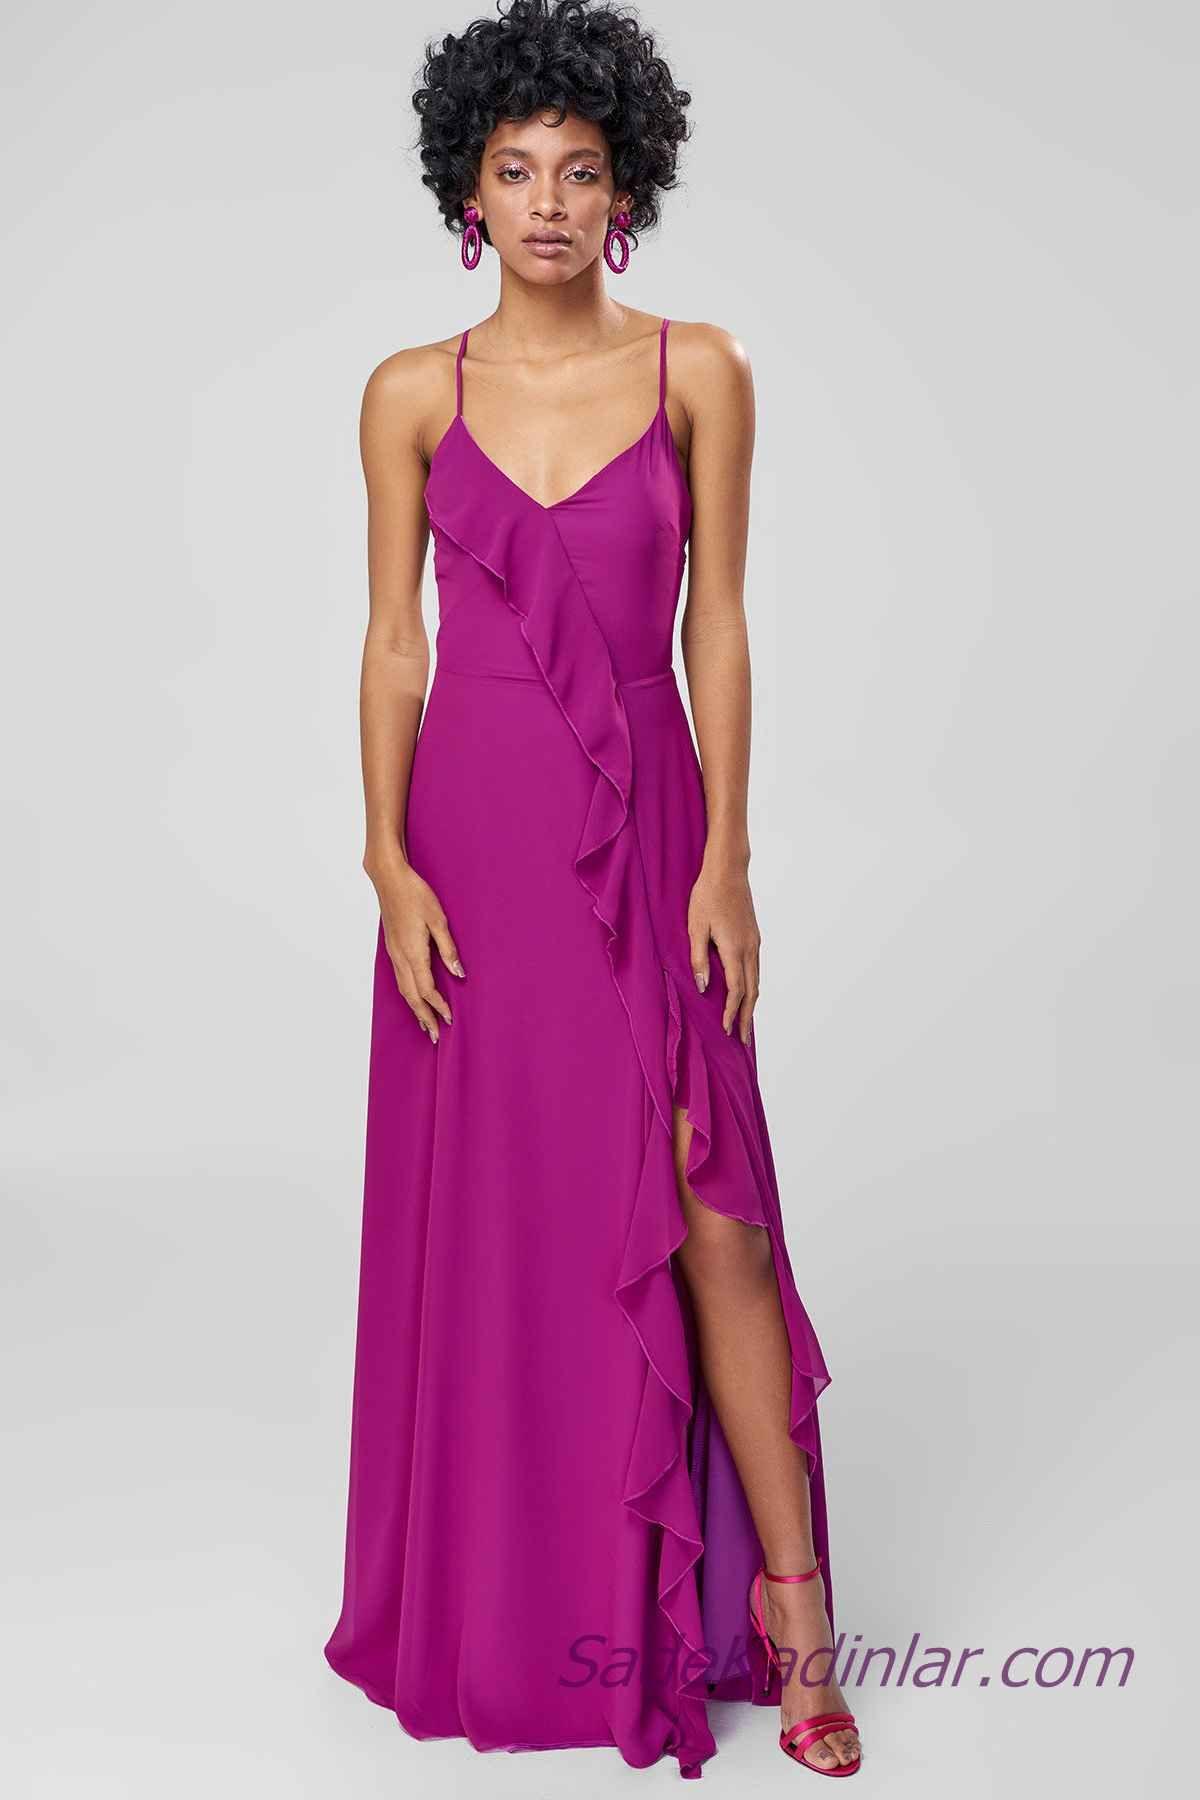 2021 Abiye Elbise Modelleri Mor Uzun Ip Askili Firfir Detayli Yirtmacli Elbise Modelleri The Dress Elbise